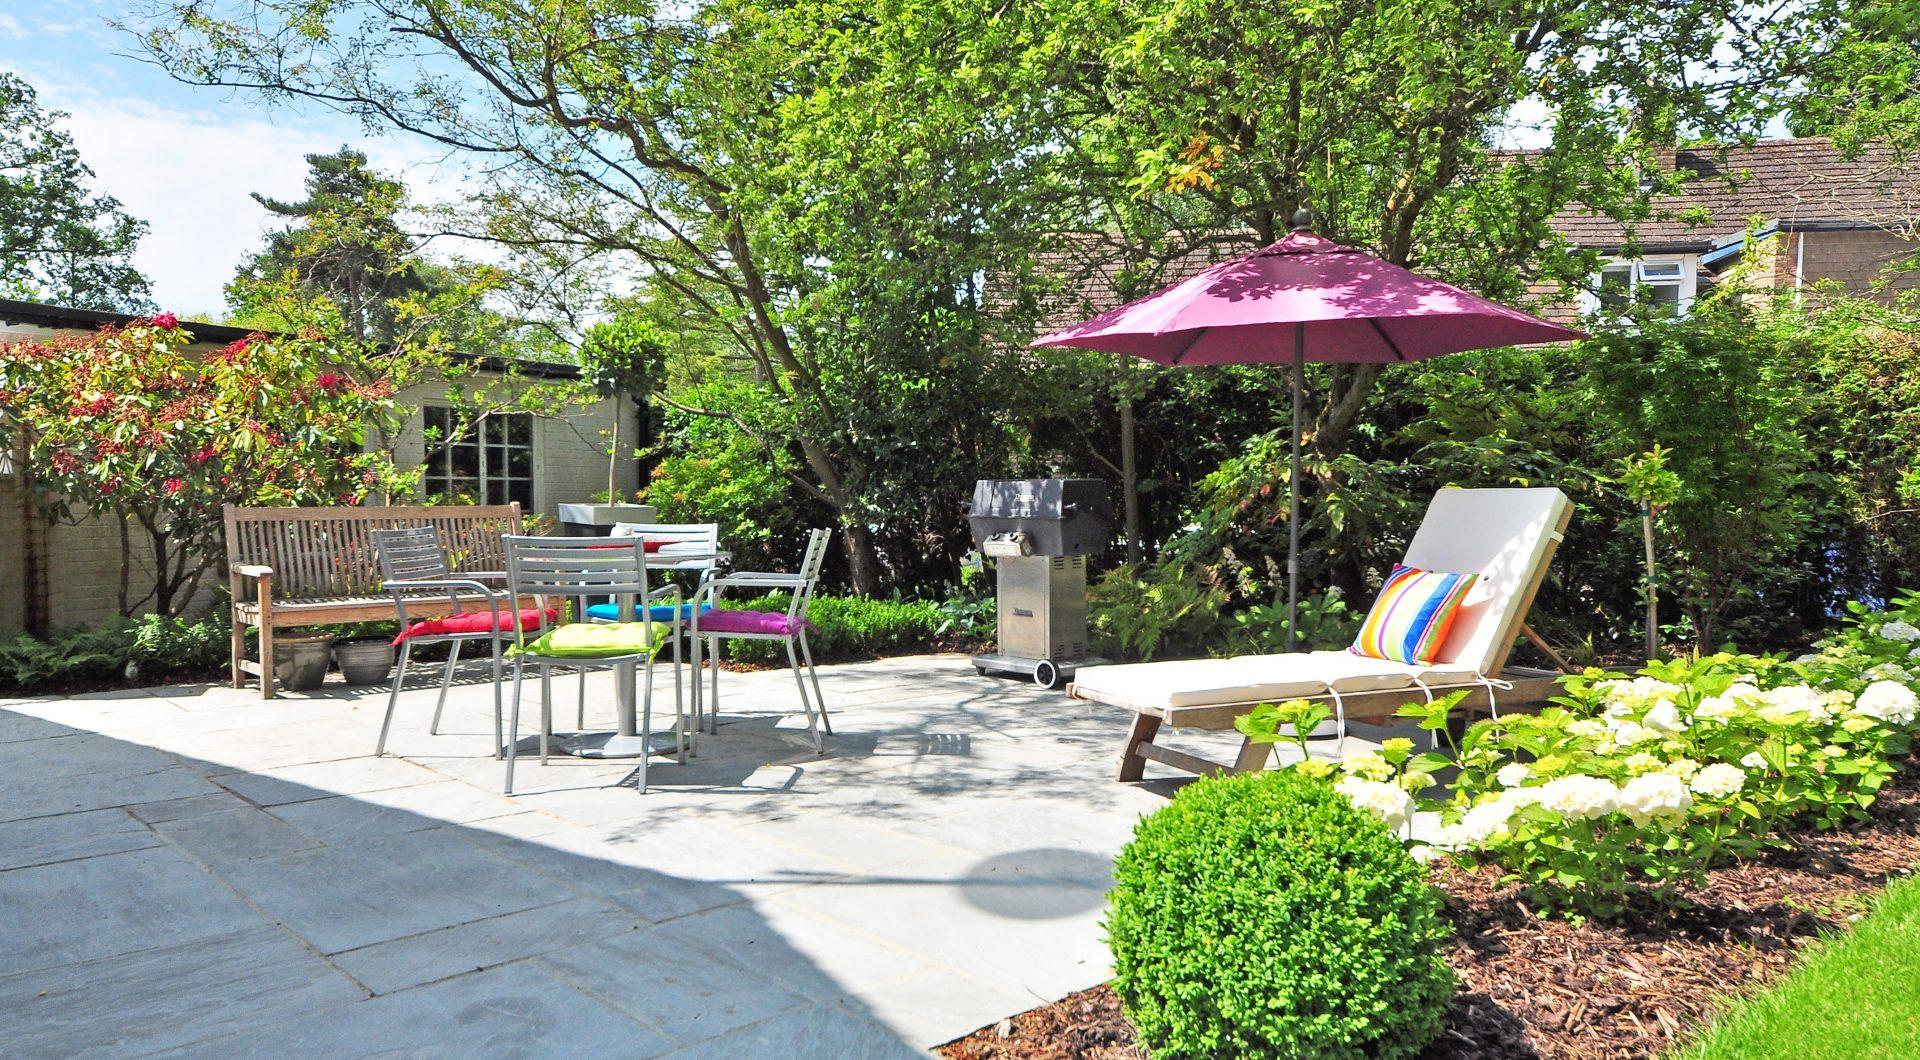 Gartenpflege und Gartenbetreuung